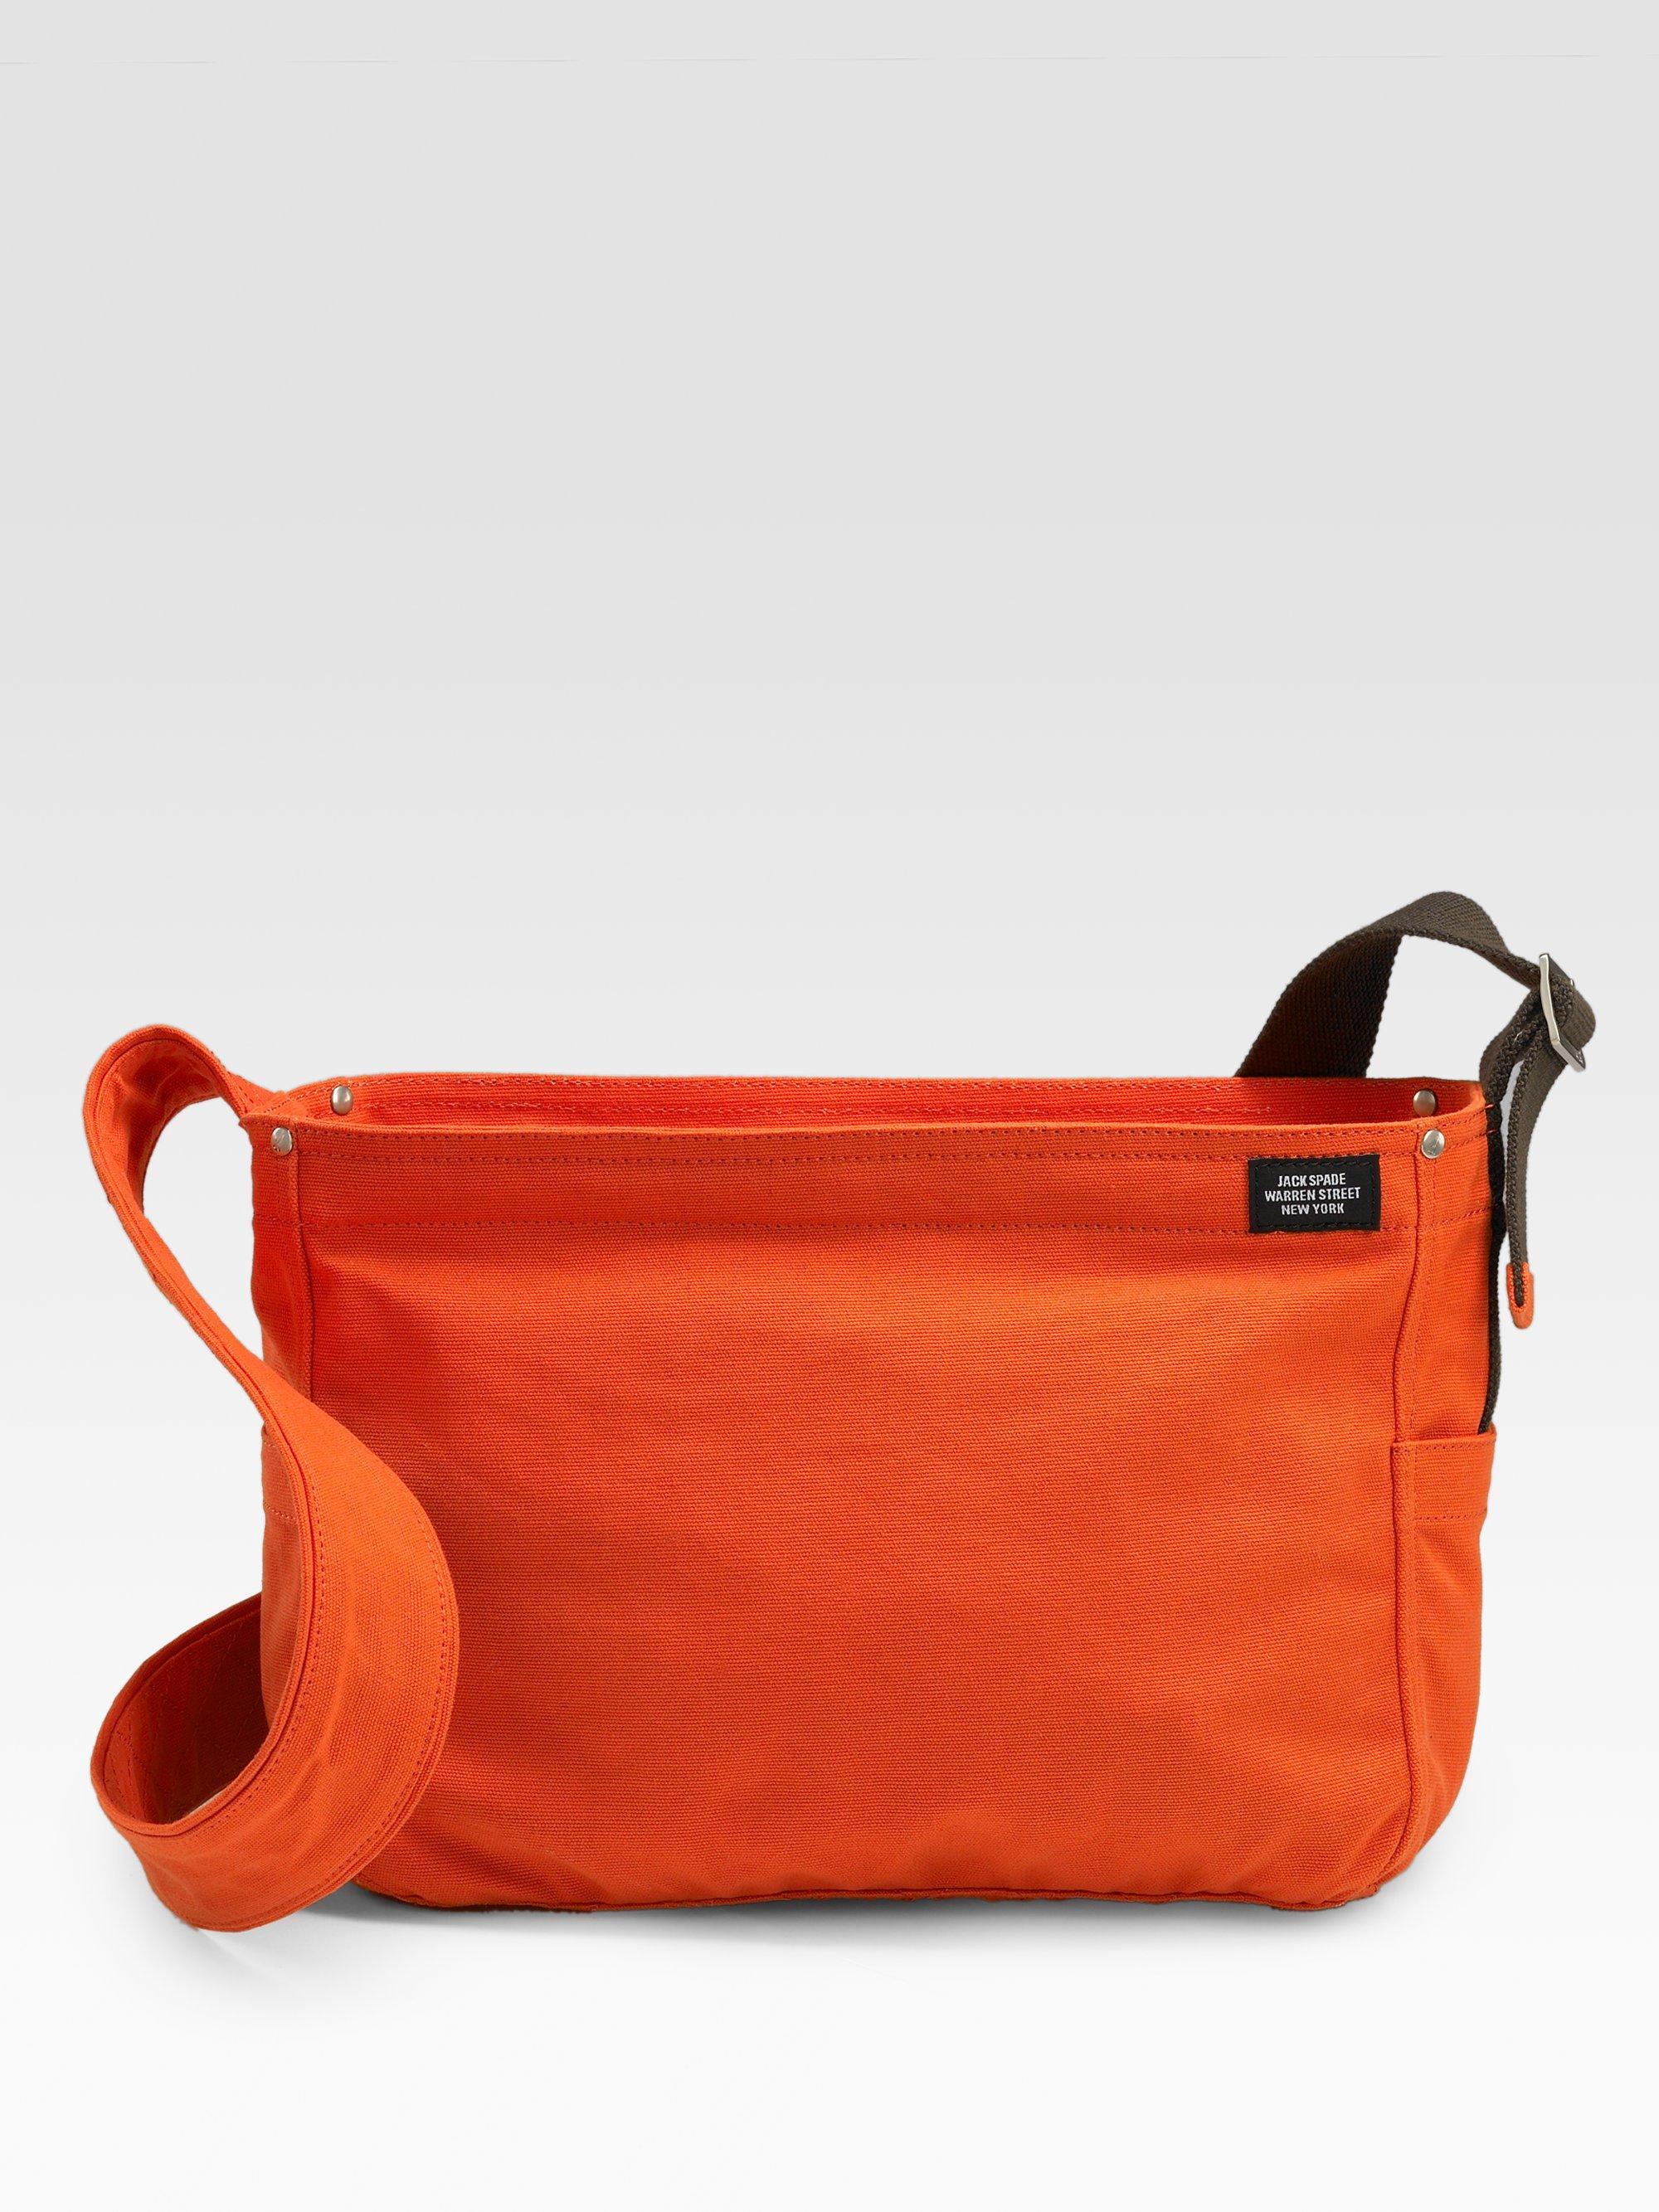 Jack spade Lightweight Canvas Messenger Bag in Orange for Men | Lyst